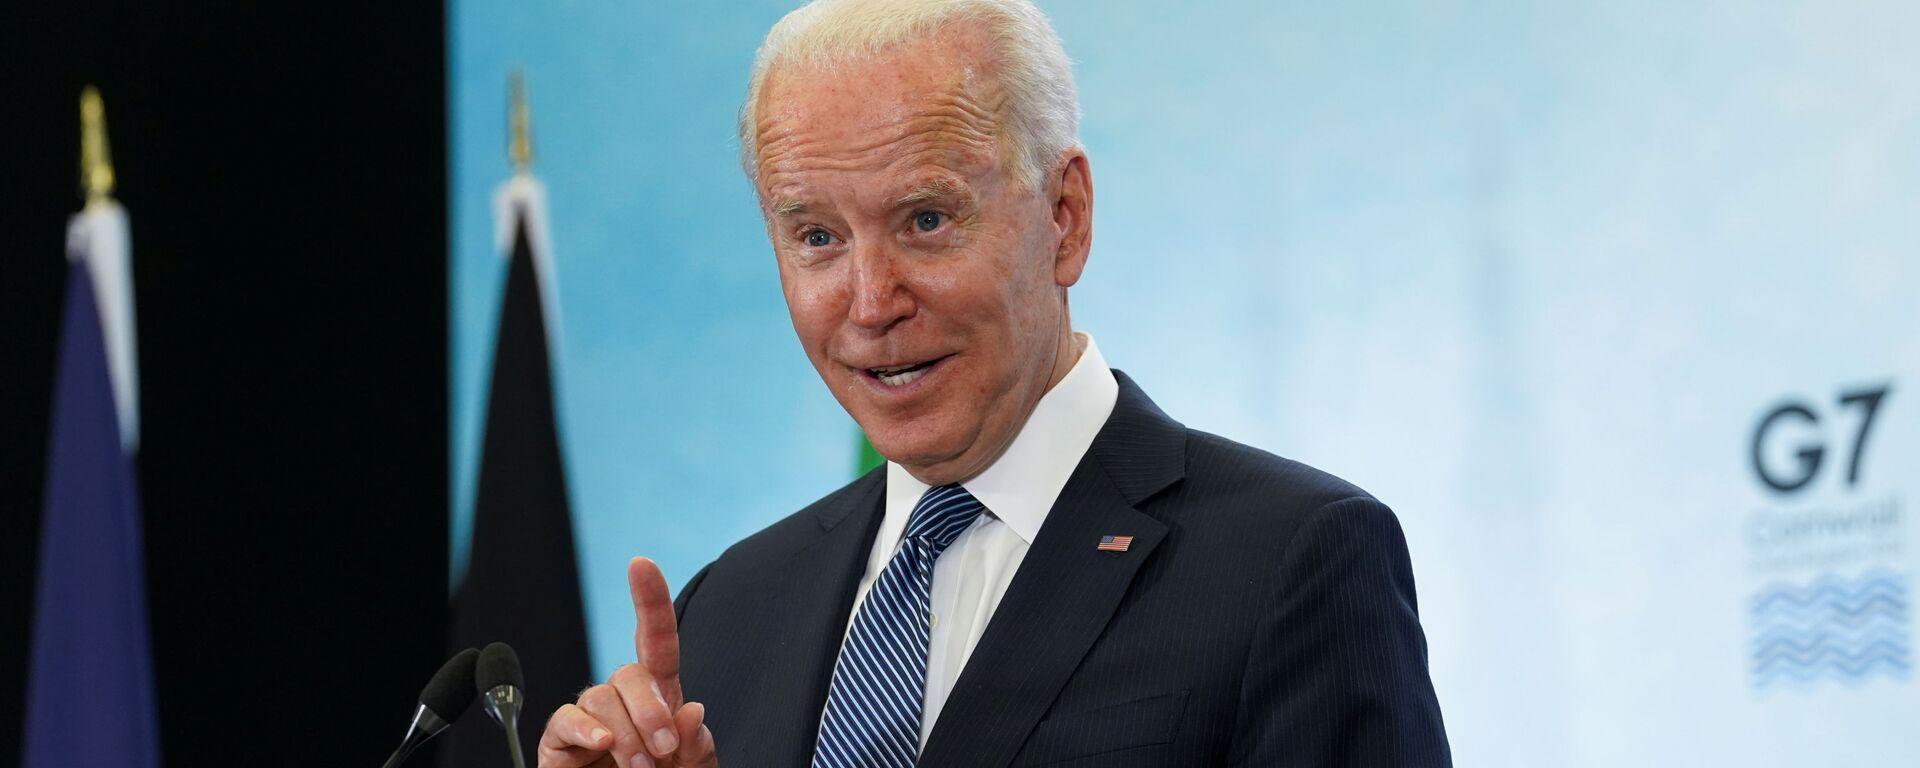 Prezident USA Joe Biden - Sputnik Česká republika, 1920, 10.08.2021